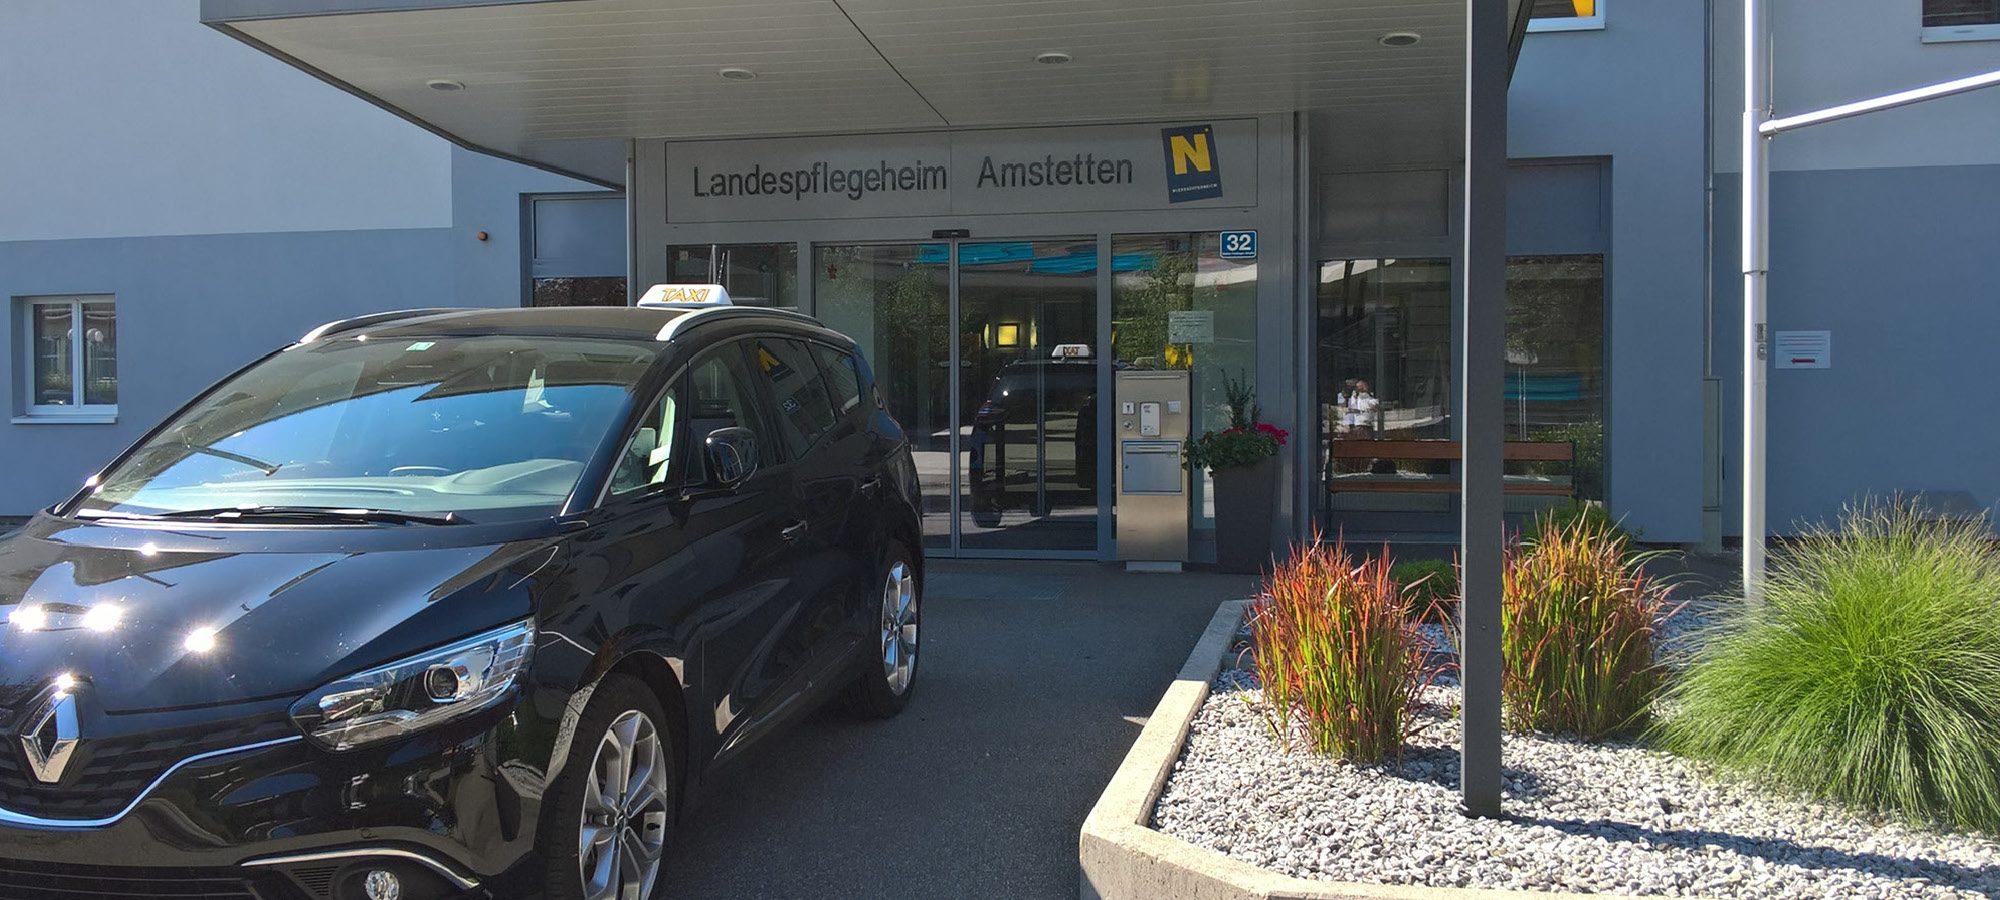 Taxi Amstetten Krankentransport